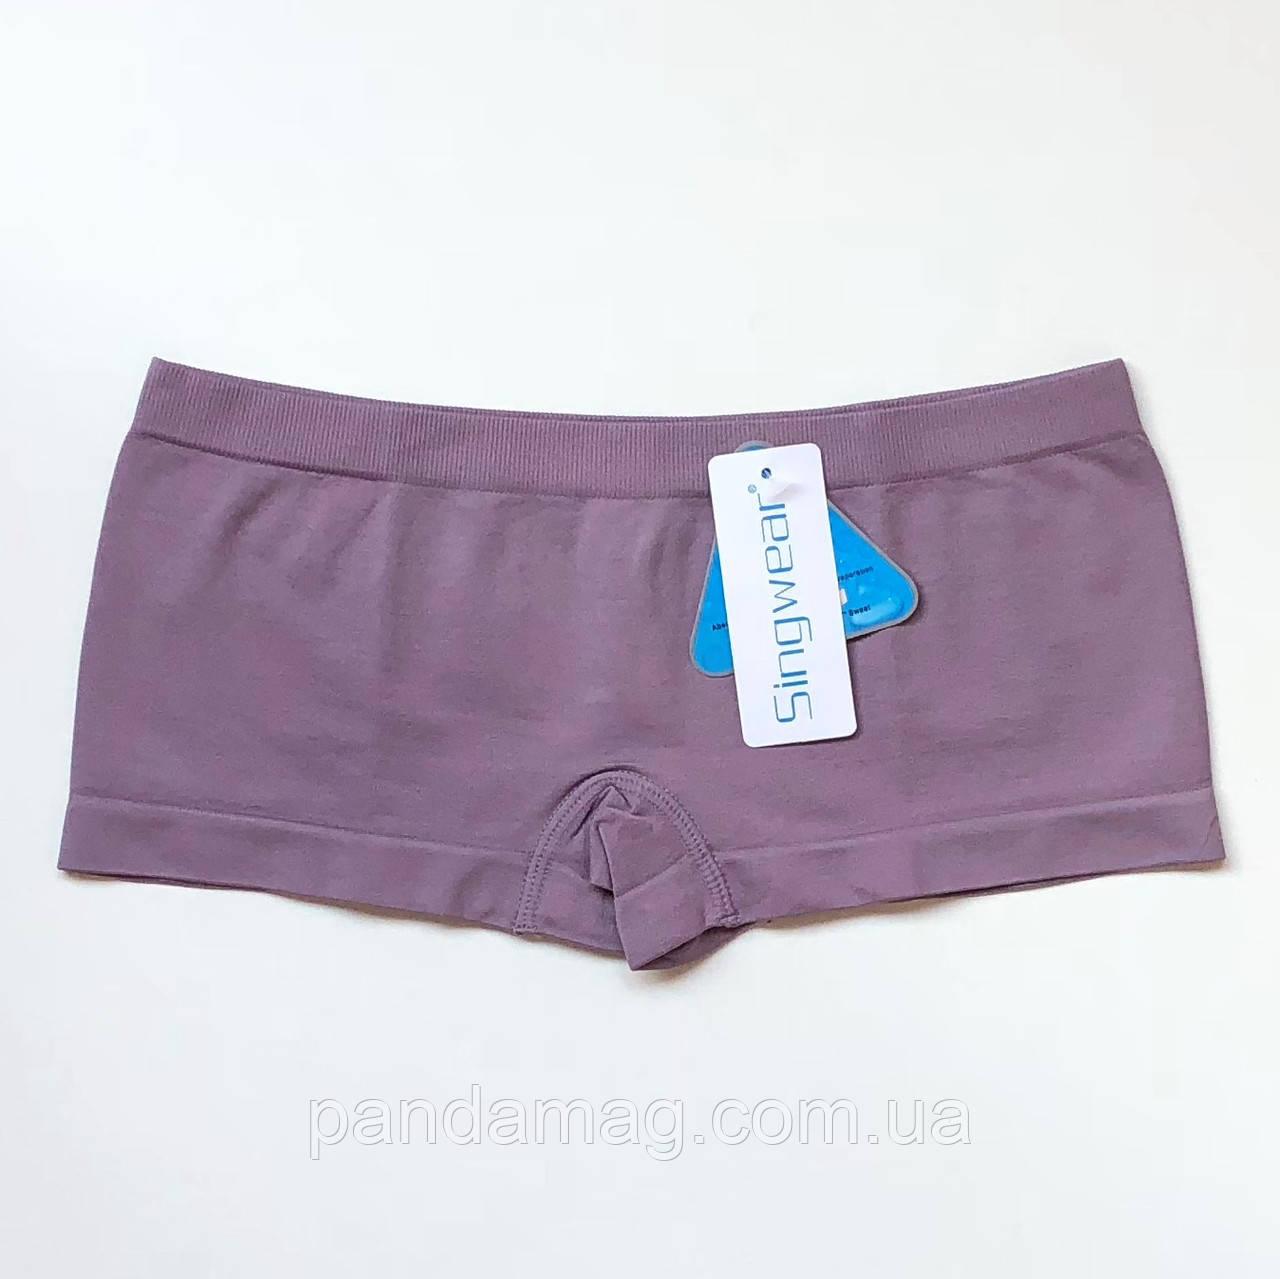 Трусики женские шорты бесшовные пепельно-розовый